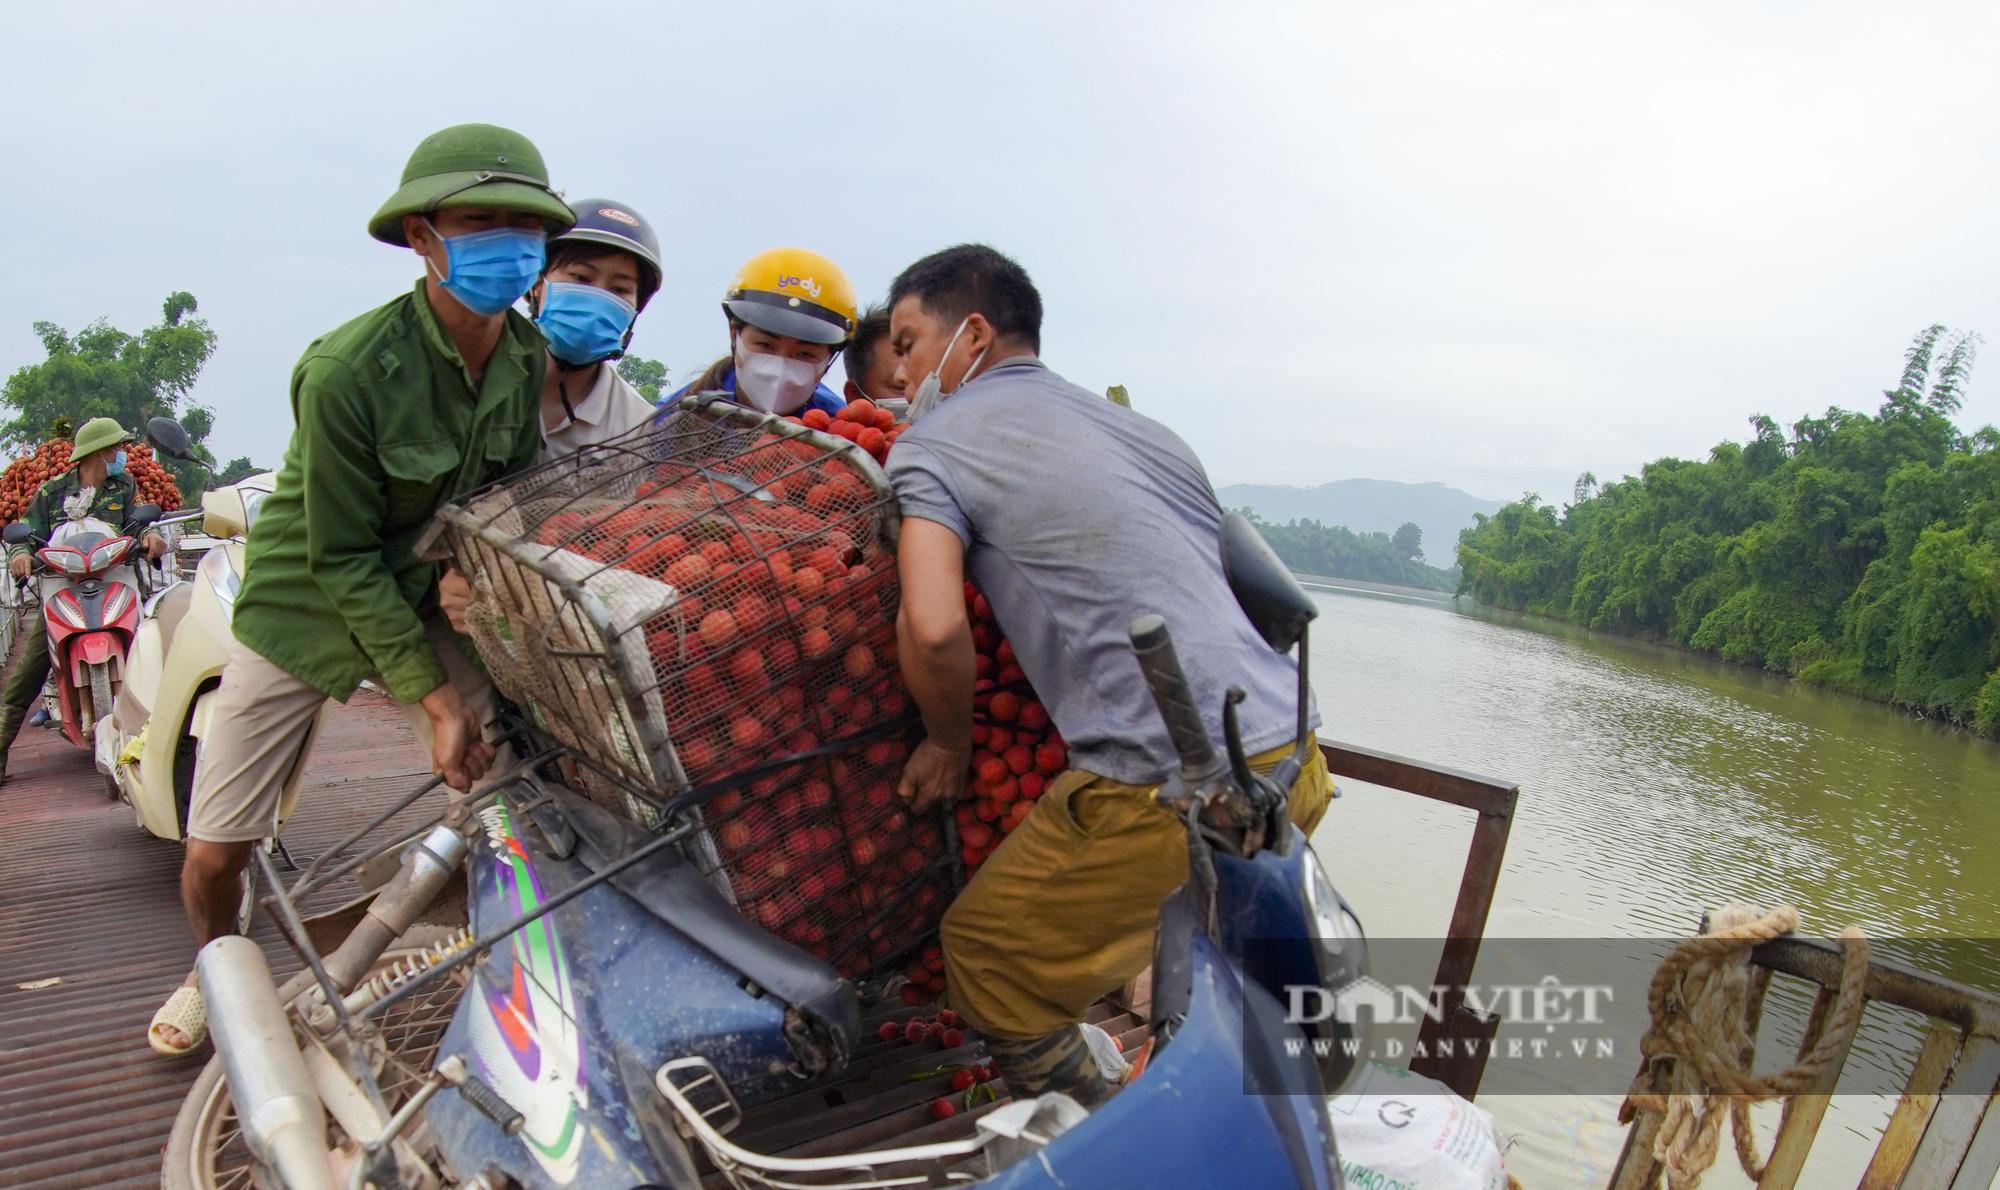 """Người dân """"vồ ếch"""", ngã xuống cầu khi chở vải đi qua cây cầu """"tử thần"""" ở Bắc Giang - Ảnh 6."""